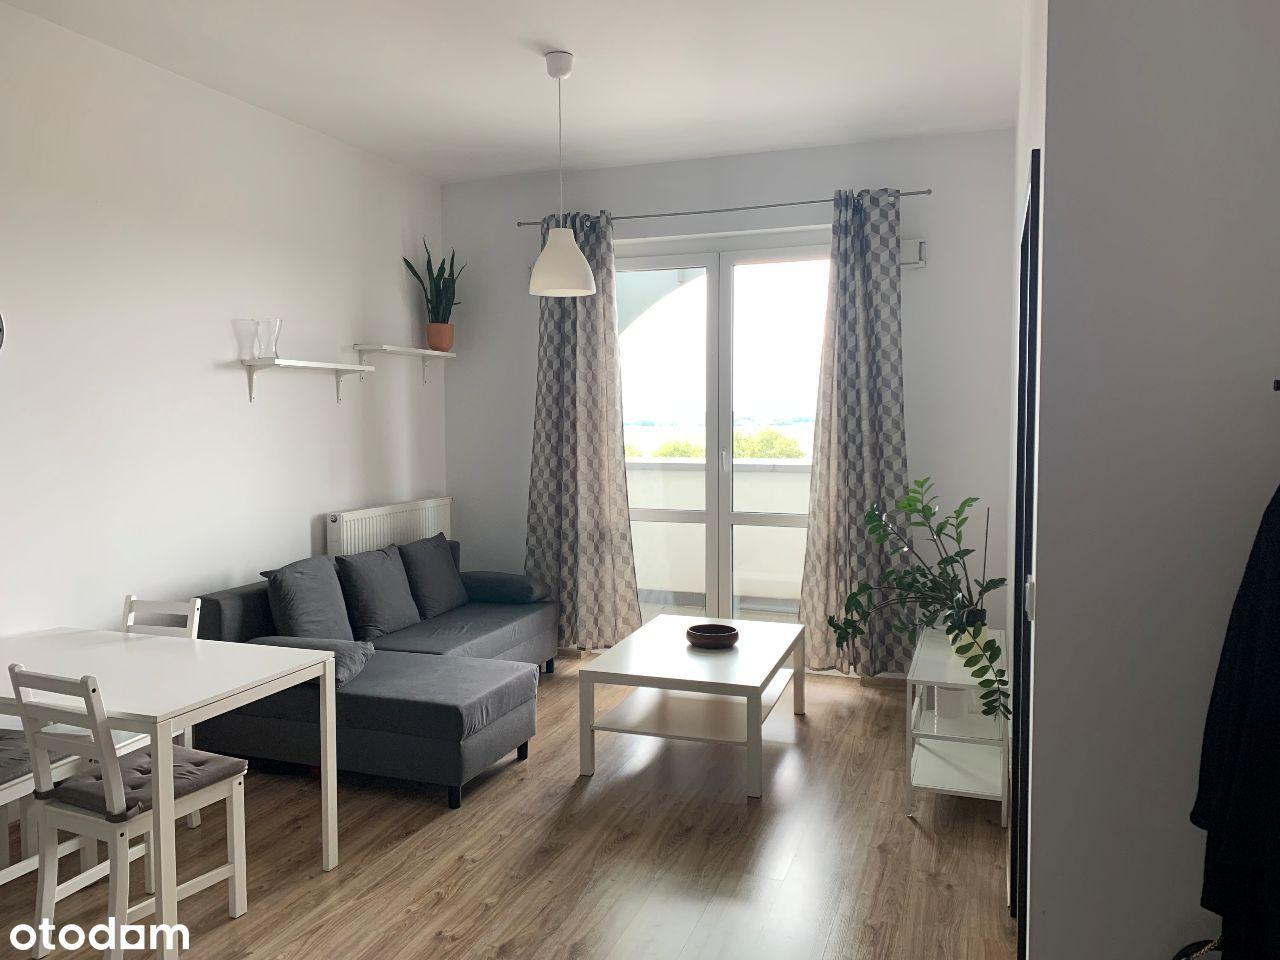 2 pokoje, 41 m2 duży balkon, Kłobucka, wyposażenie